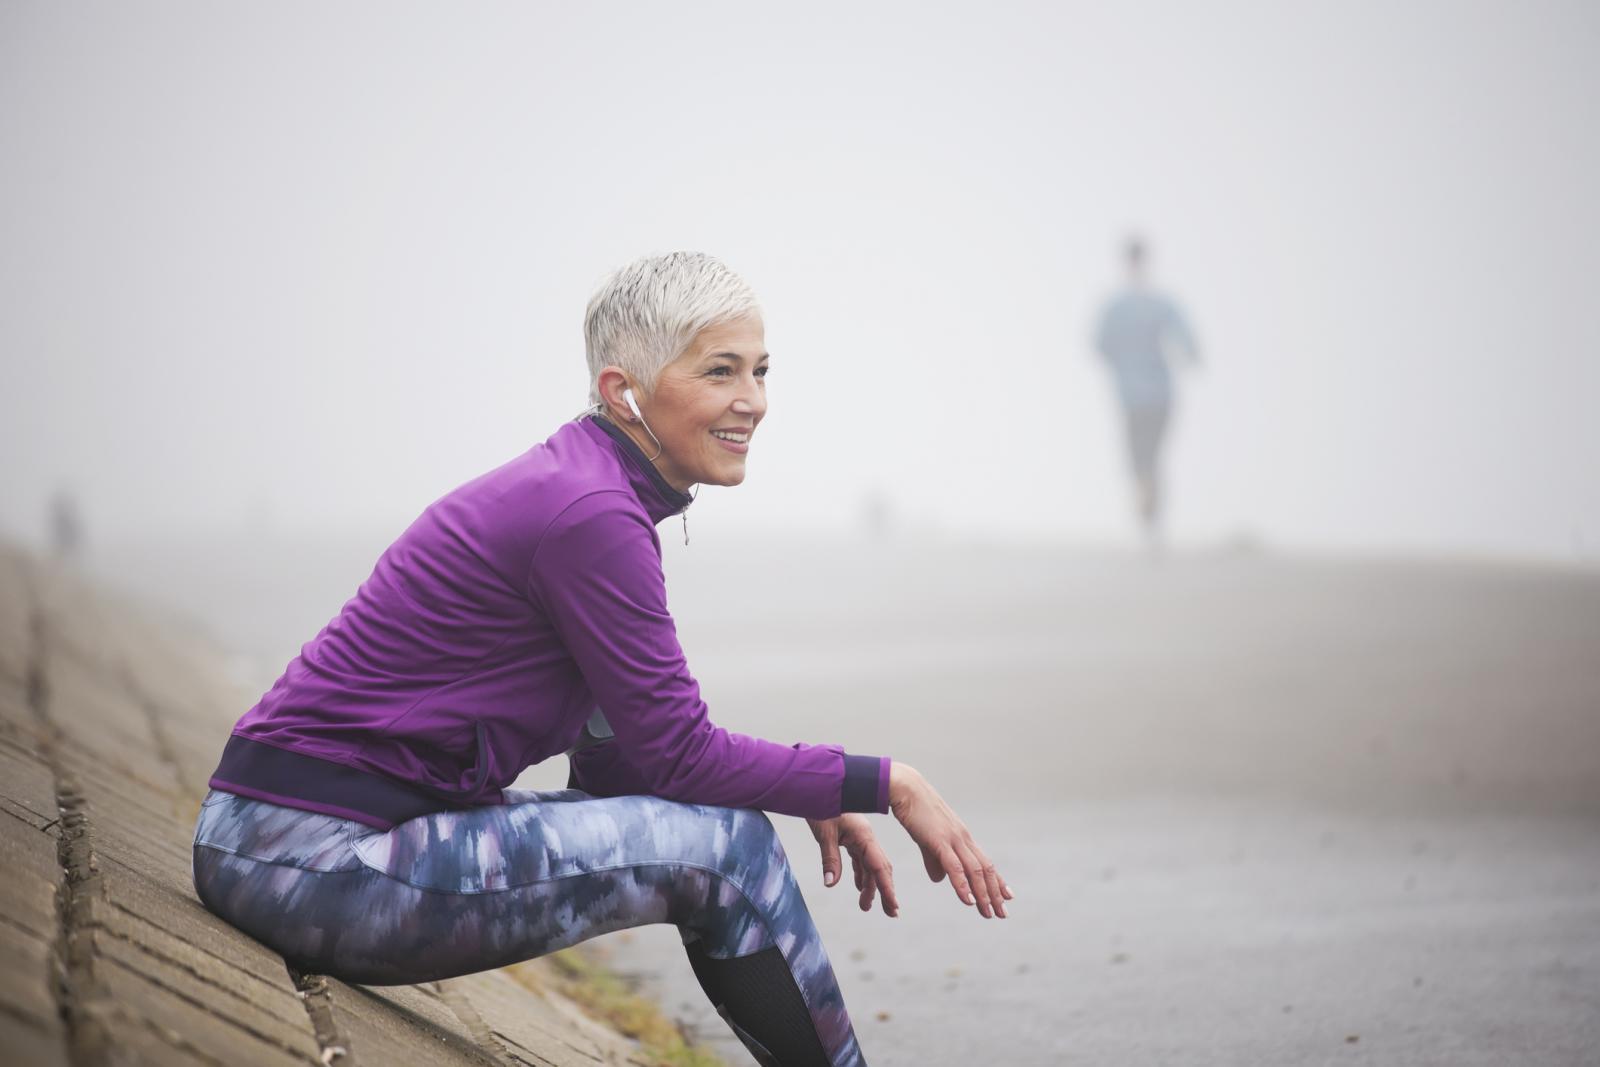 Izdržljivost, fleksibilnost, ravnoteža, osobno zadovoljstvo.. tek su neki od razloga zašto treba vježbati bez obzira na životnu dob.